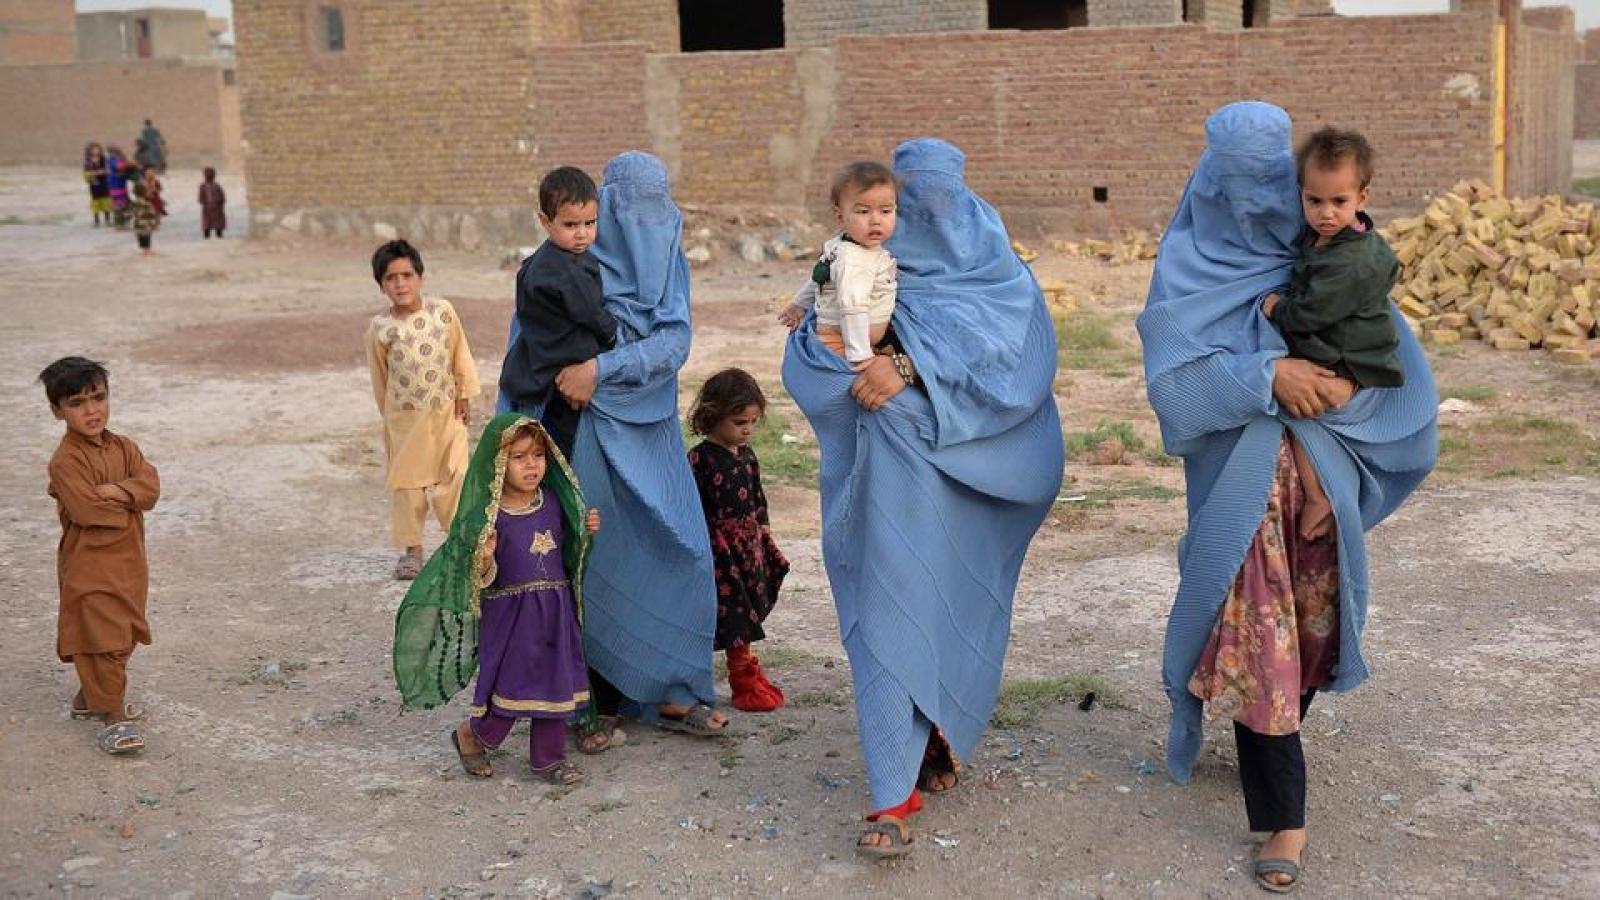 Liên Hợp Quốckêu gọi quốc tế khẩn cấpviện trợ cho Afghanistannhư cam kết